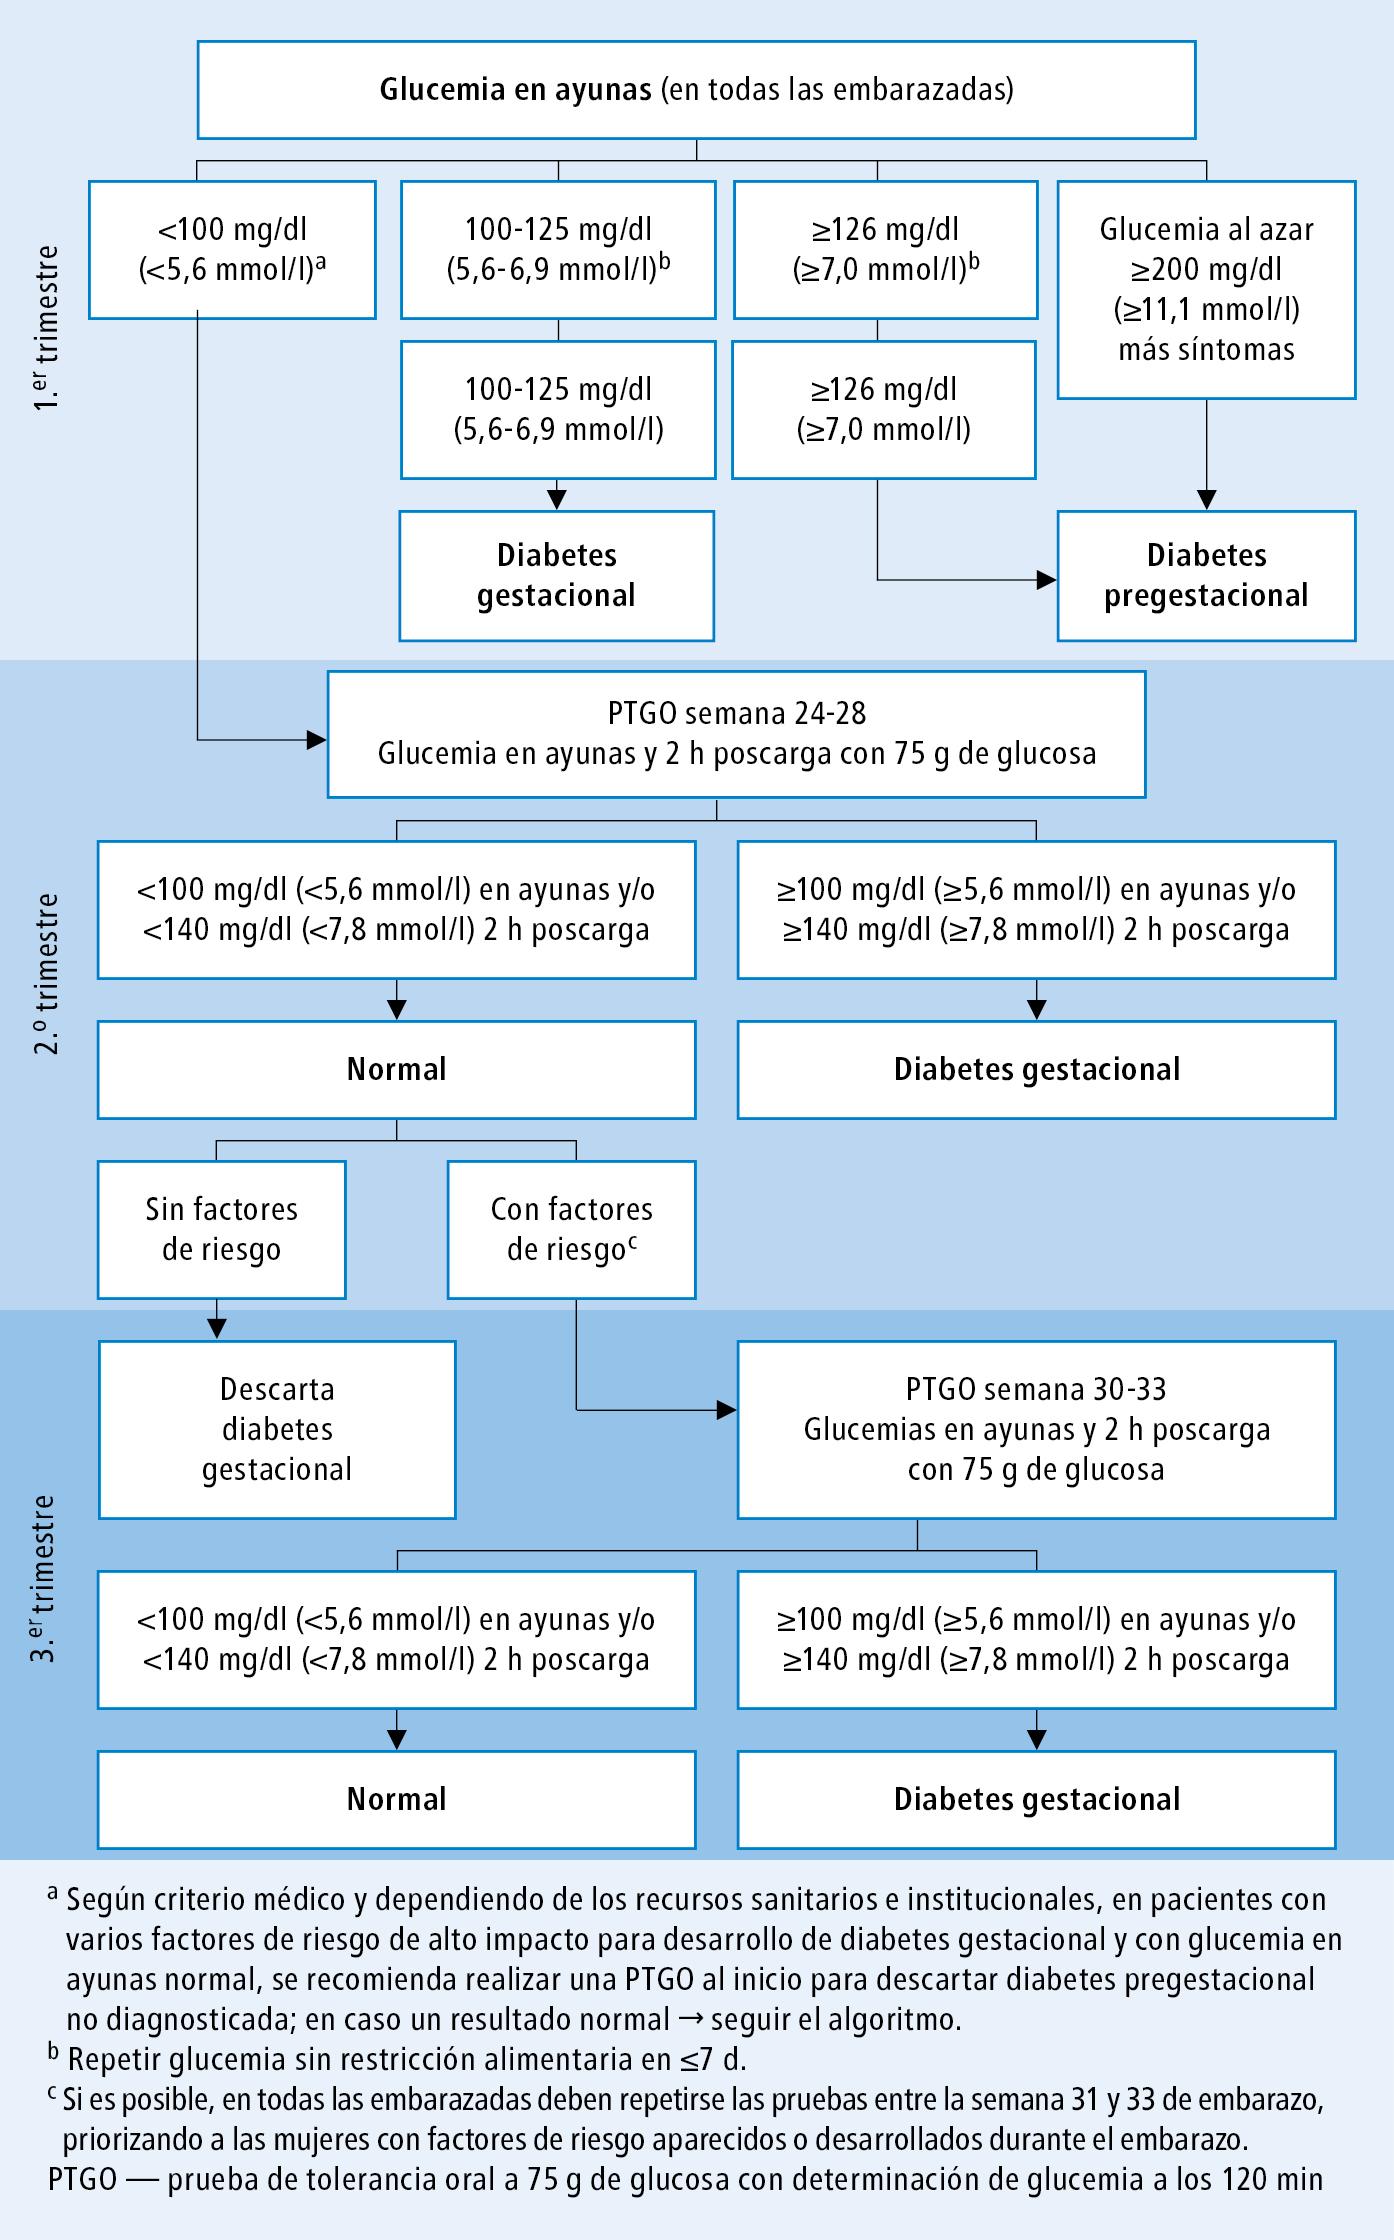 Diagrama de fisiopatología de la diabetes mellitus gestacional